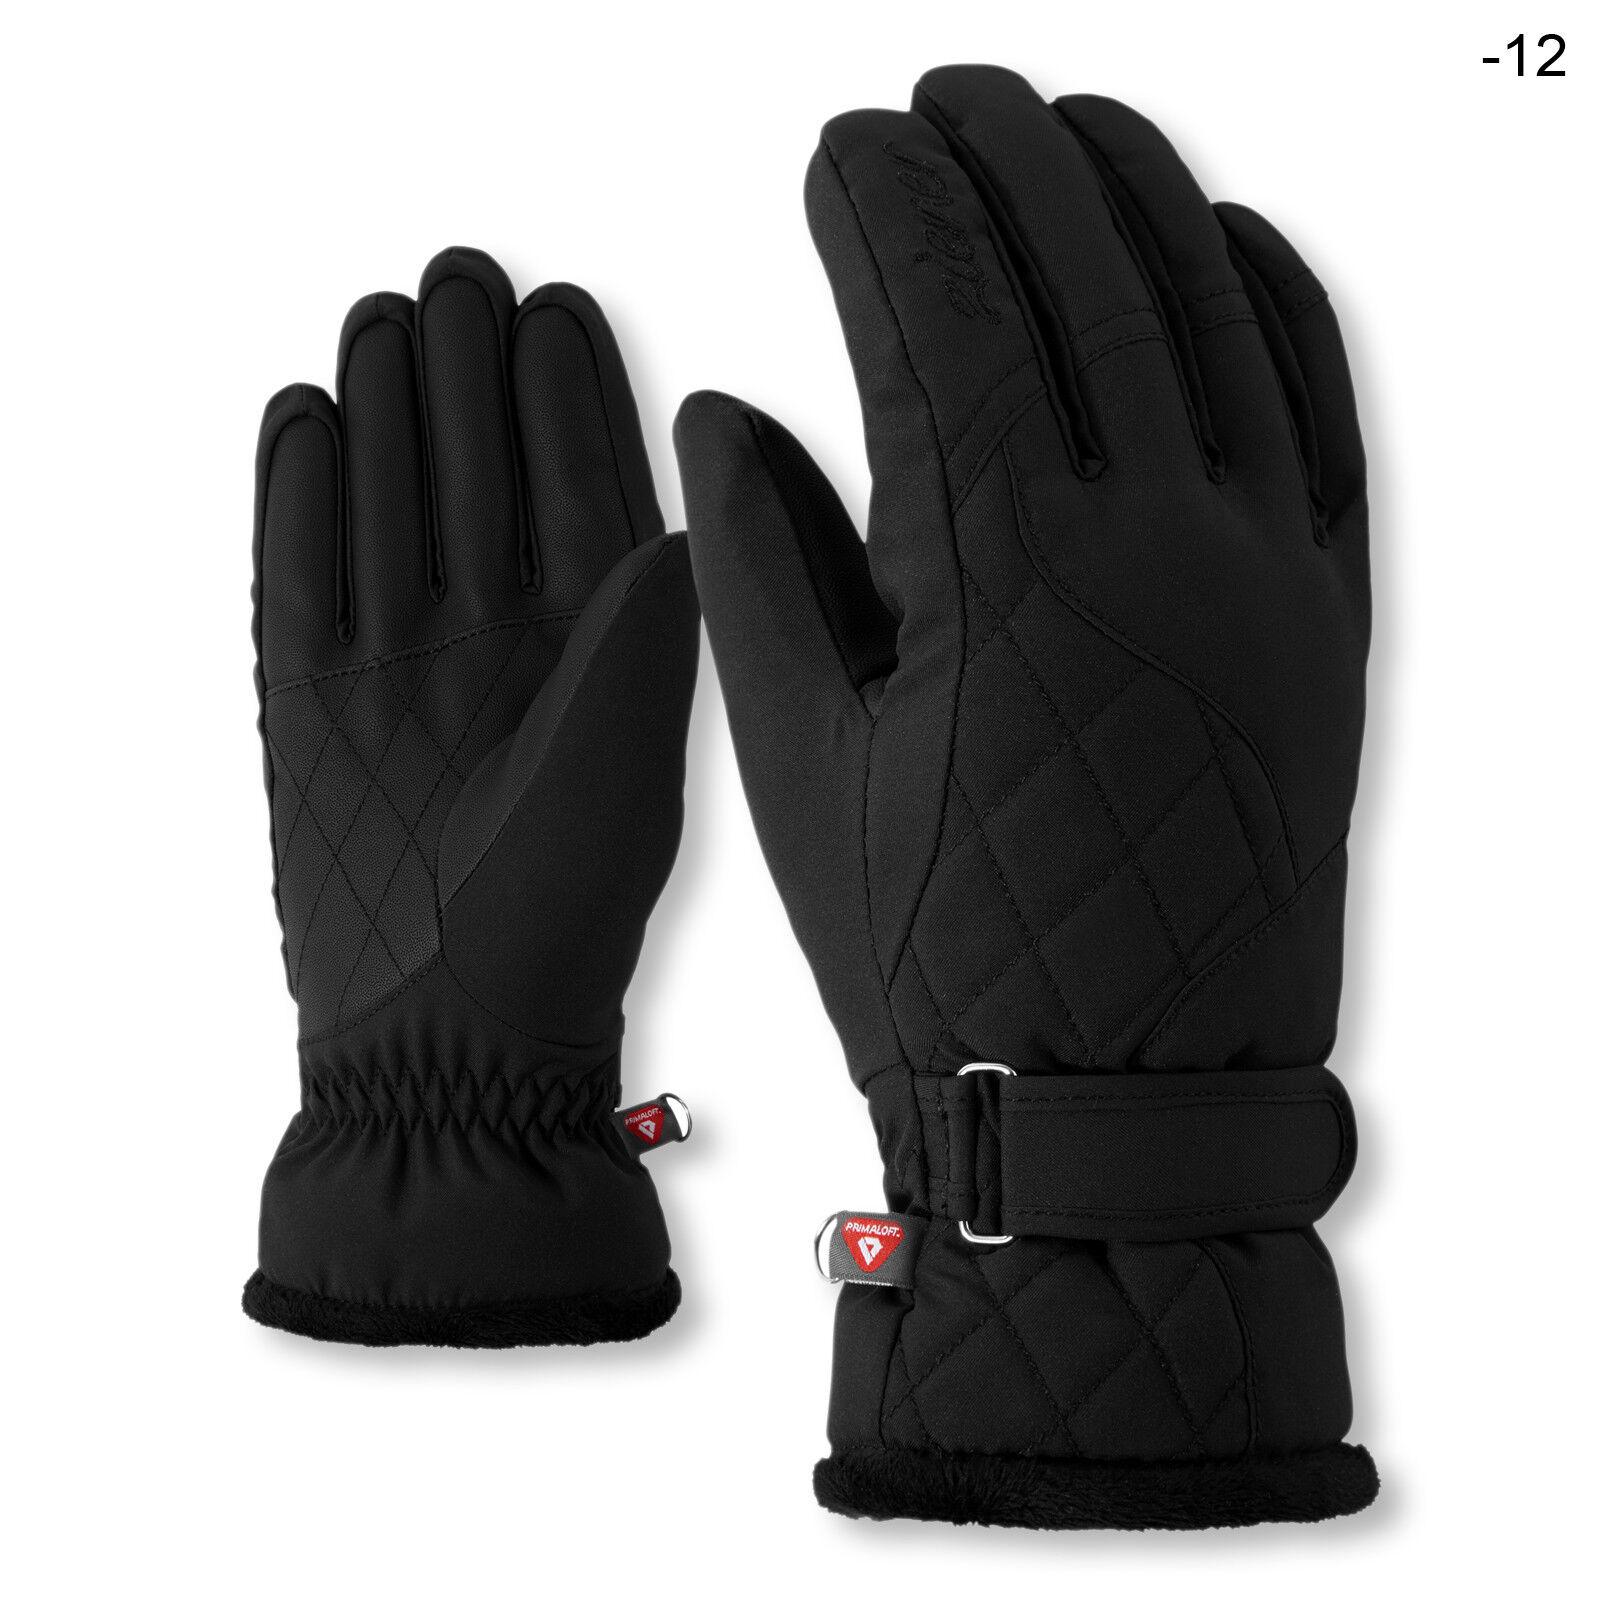 Ziener Skihandschuhe Winterhandschuhe Keysa PR PrimaLoft® Glove PrimaLoft® PR Damen Farbwahl 799f96